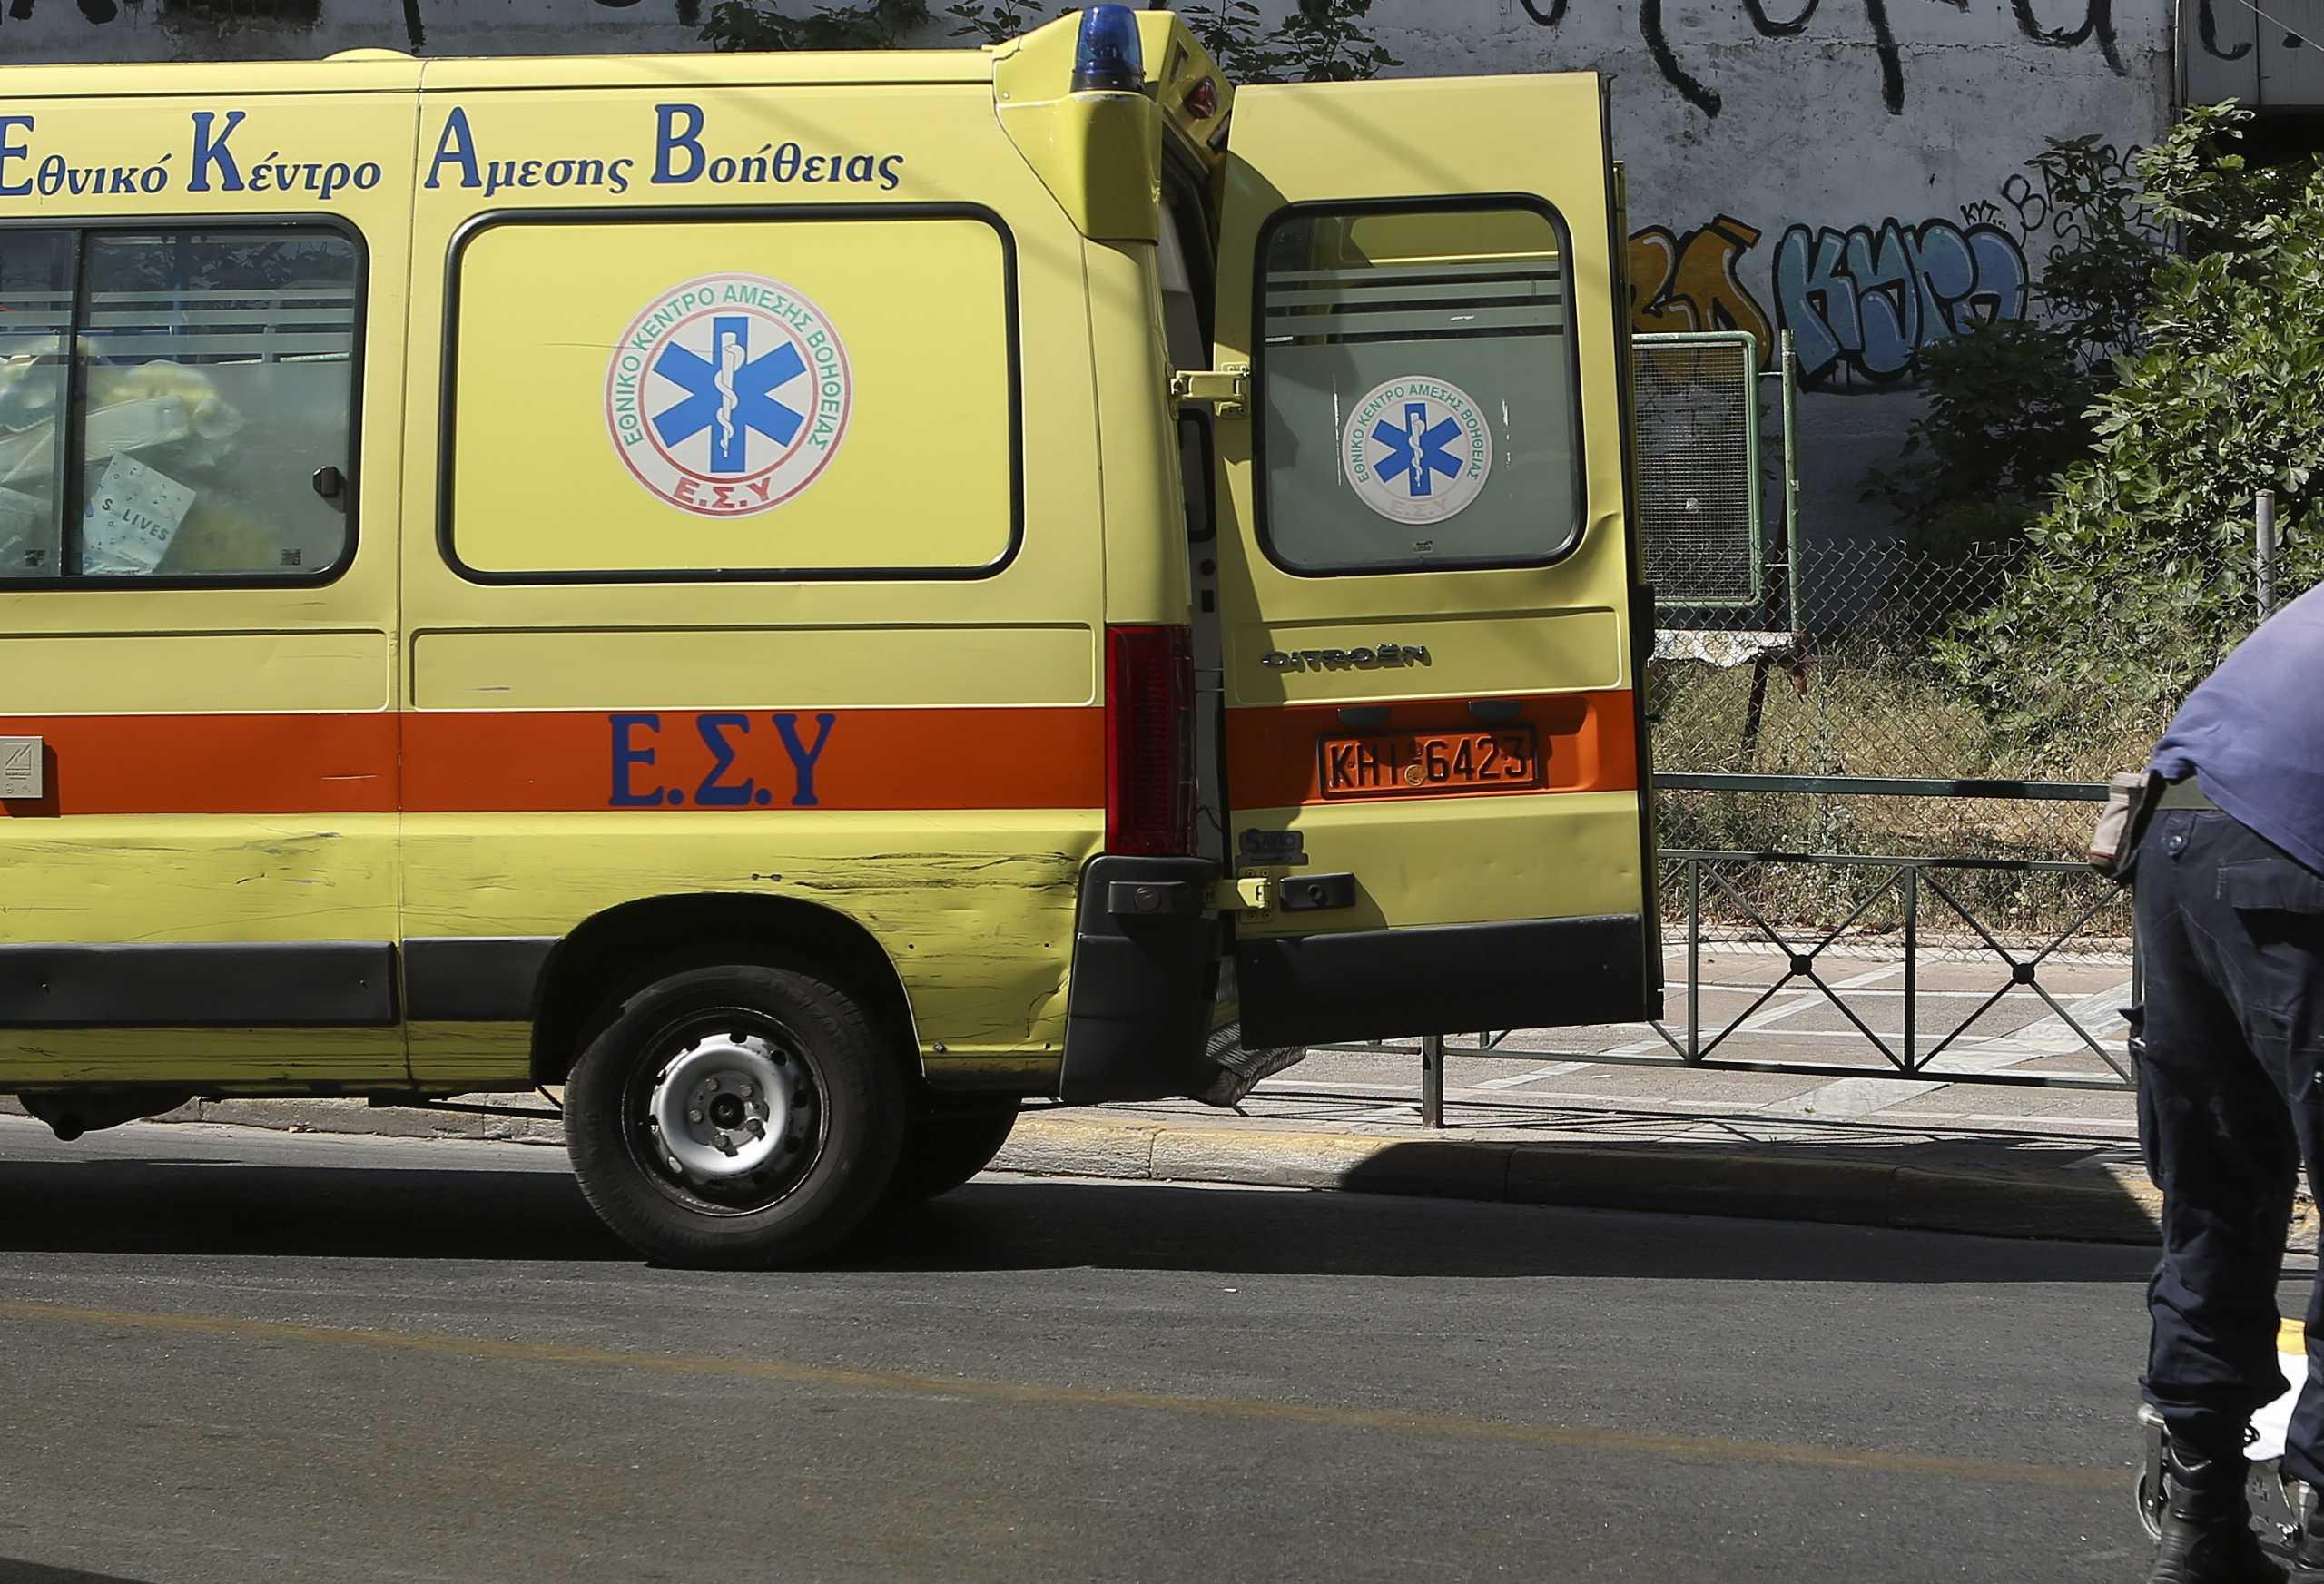 Κρήτη: Αερογέφυρα σωτηρίας για μια γυναίκα και ένα μωρό